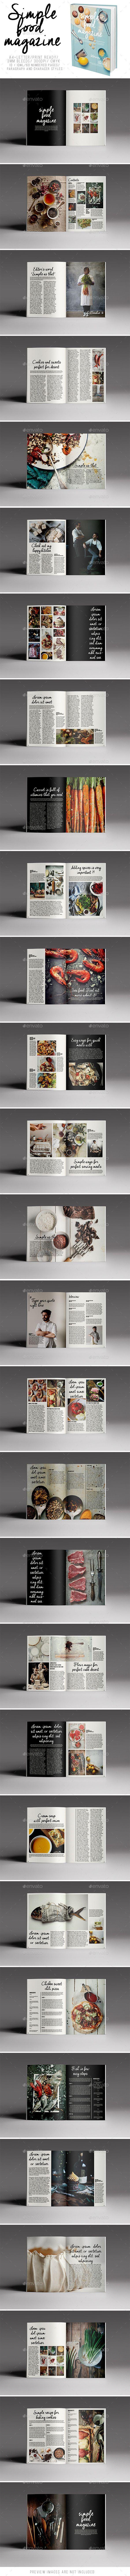 Awesome Food Magazine Layout.